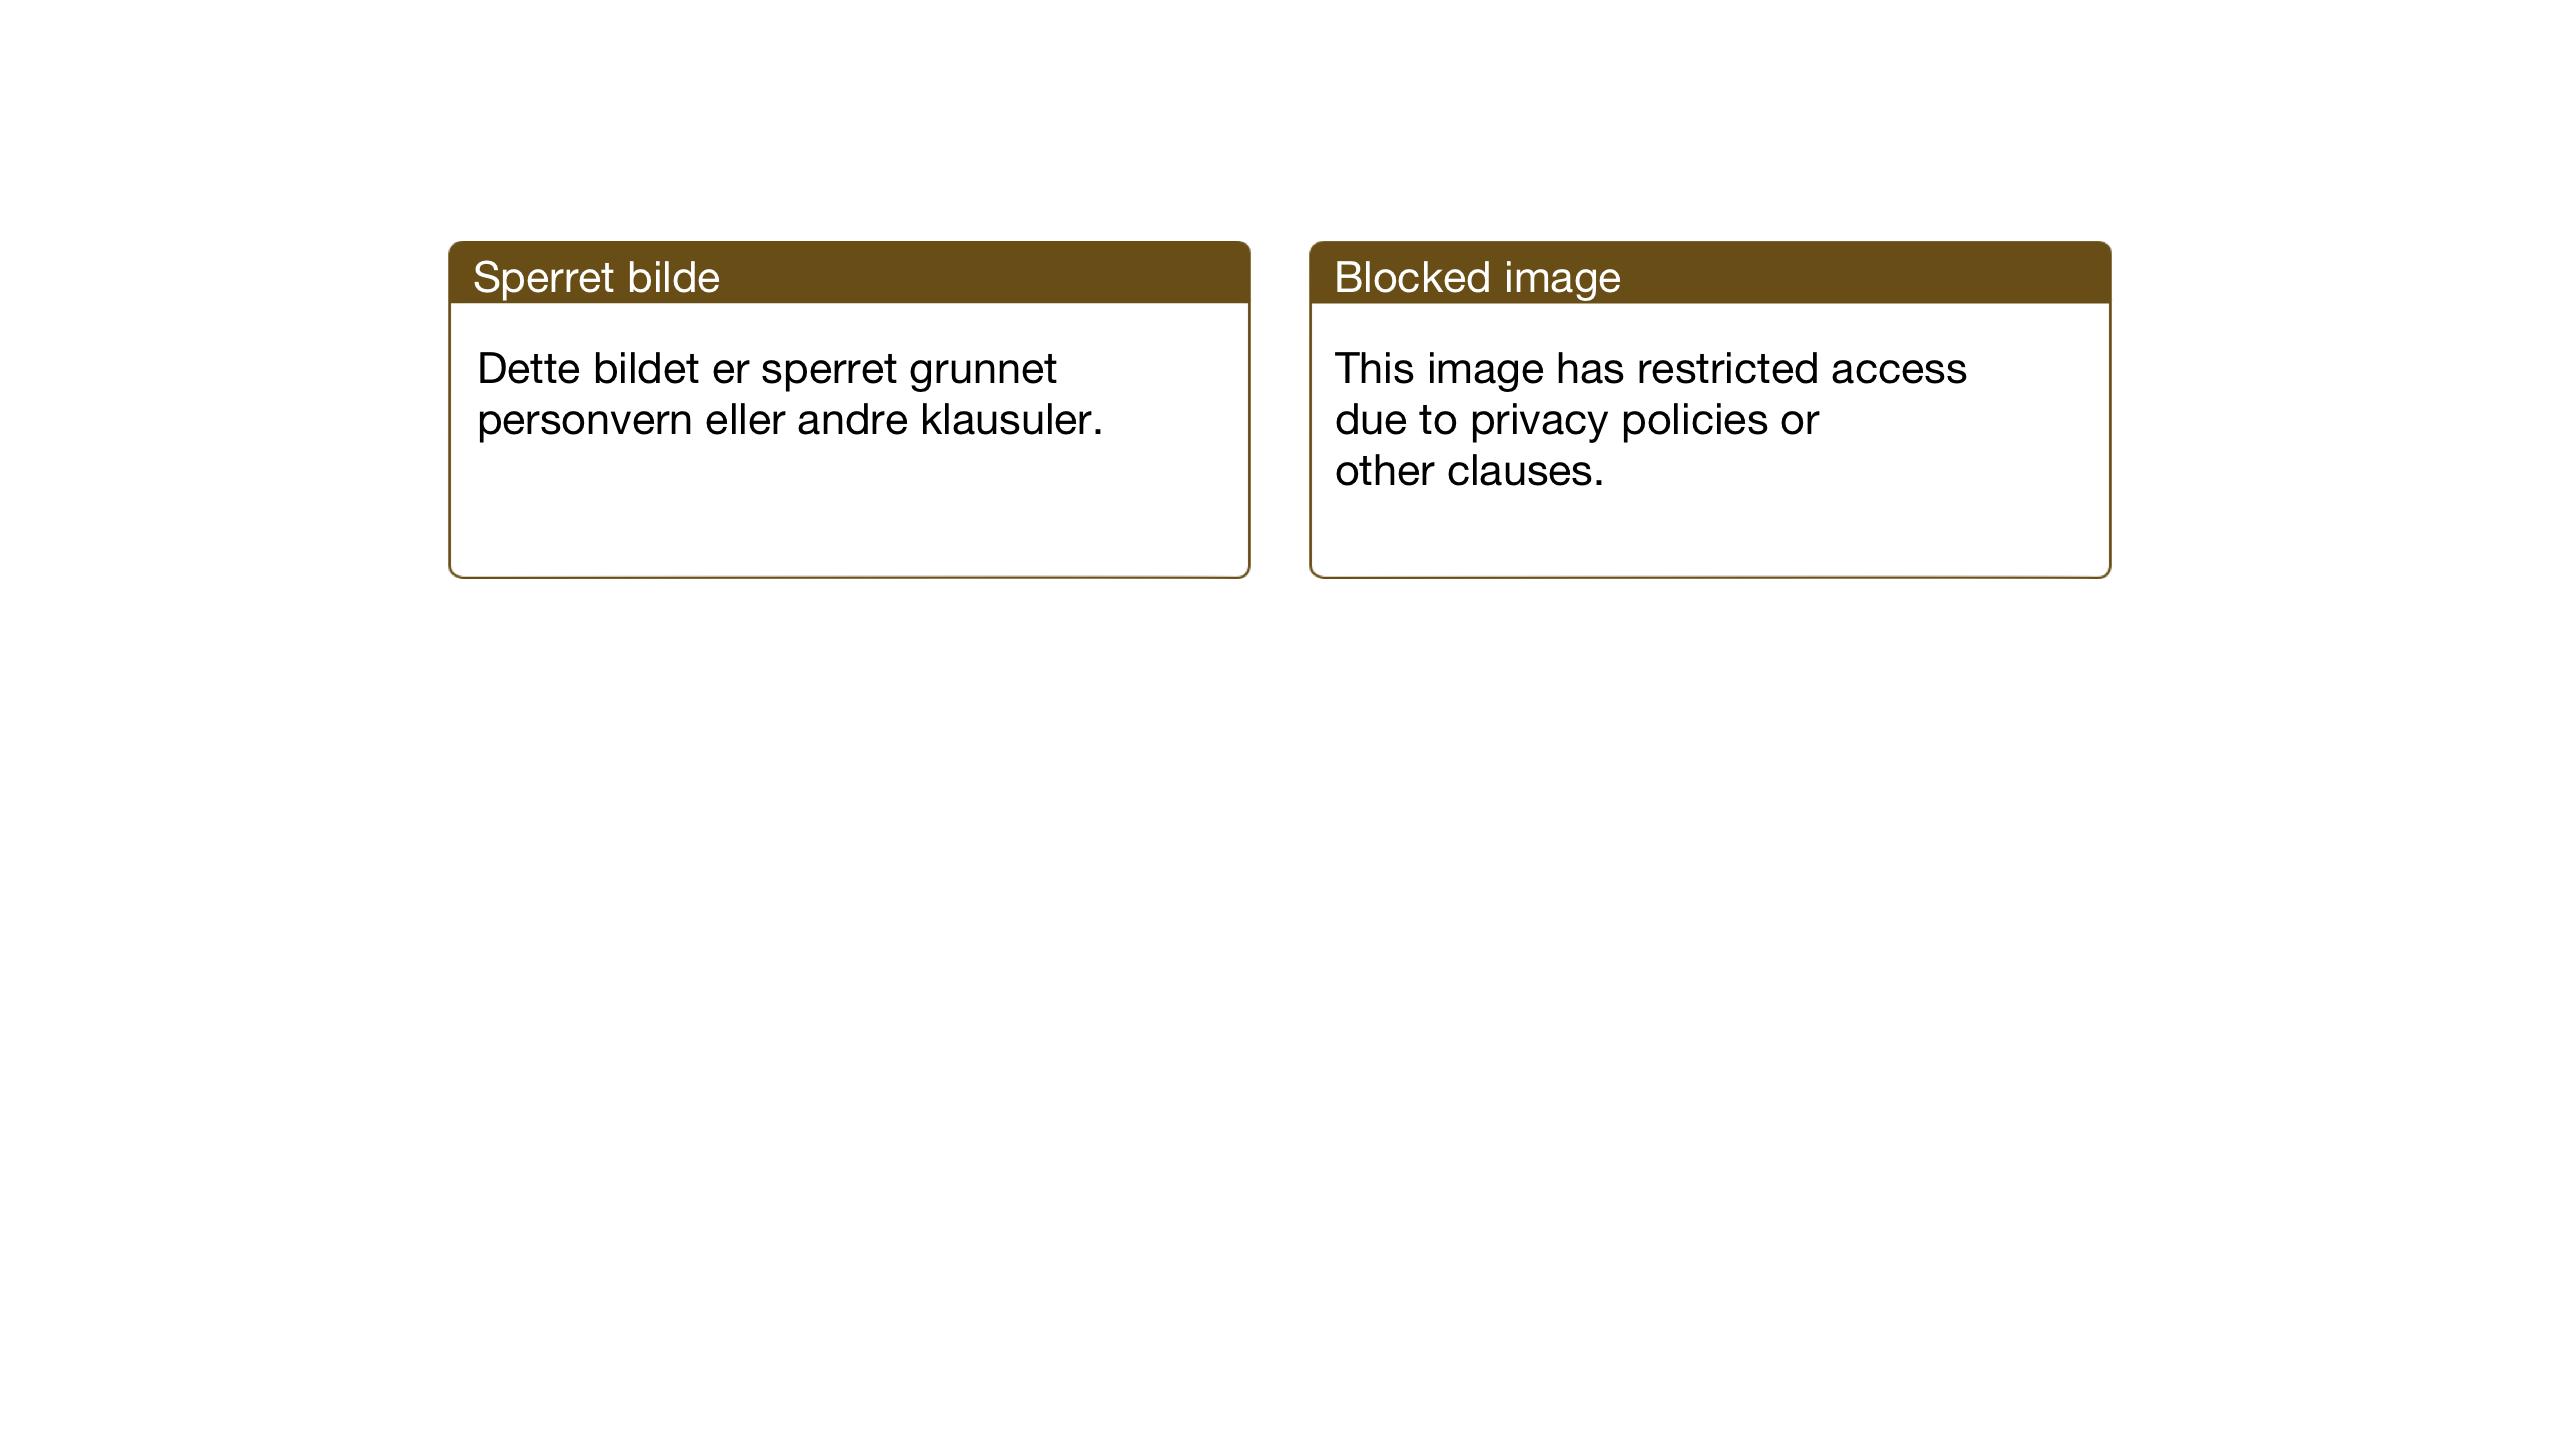 SAT, Ministerialprotokoller, klokkerbøker og fødselsregistre - Sør-Trøndelag, 690/L1053: Klokkerbok nr. 690C03, 1930-1947, s. 48